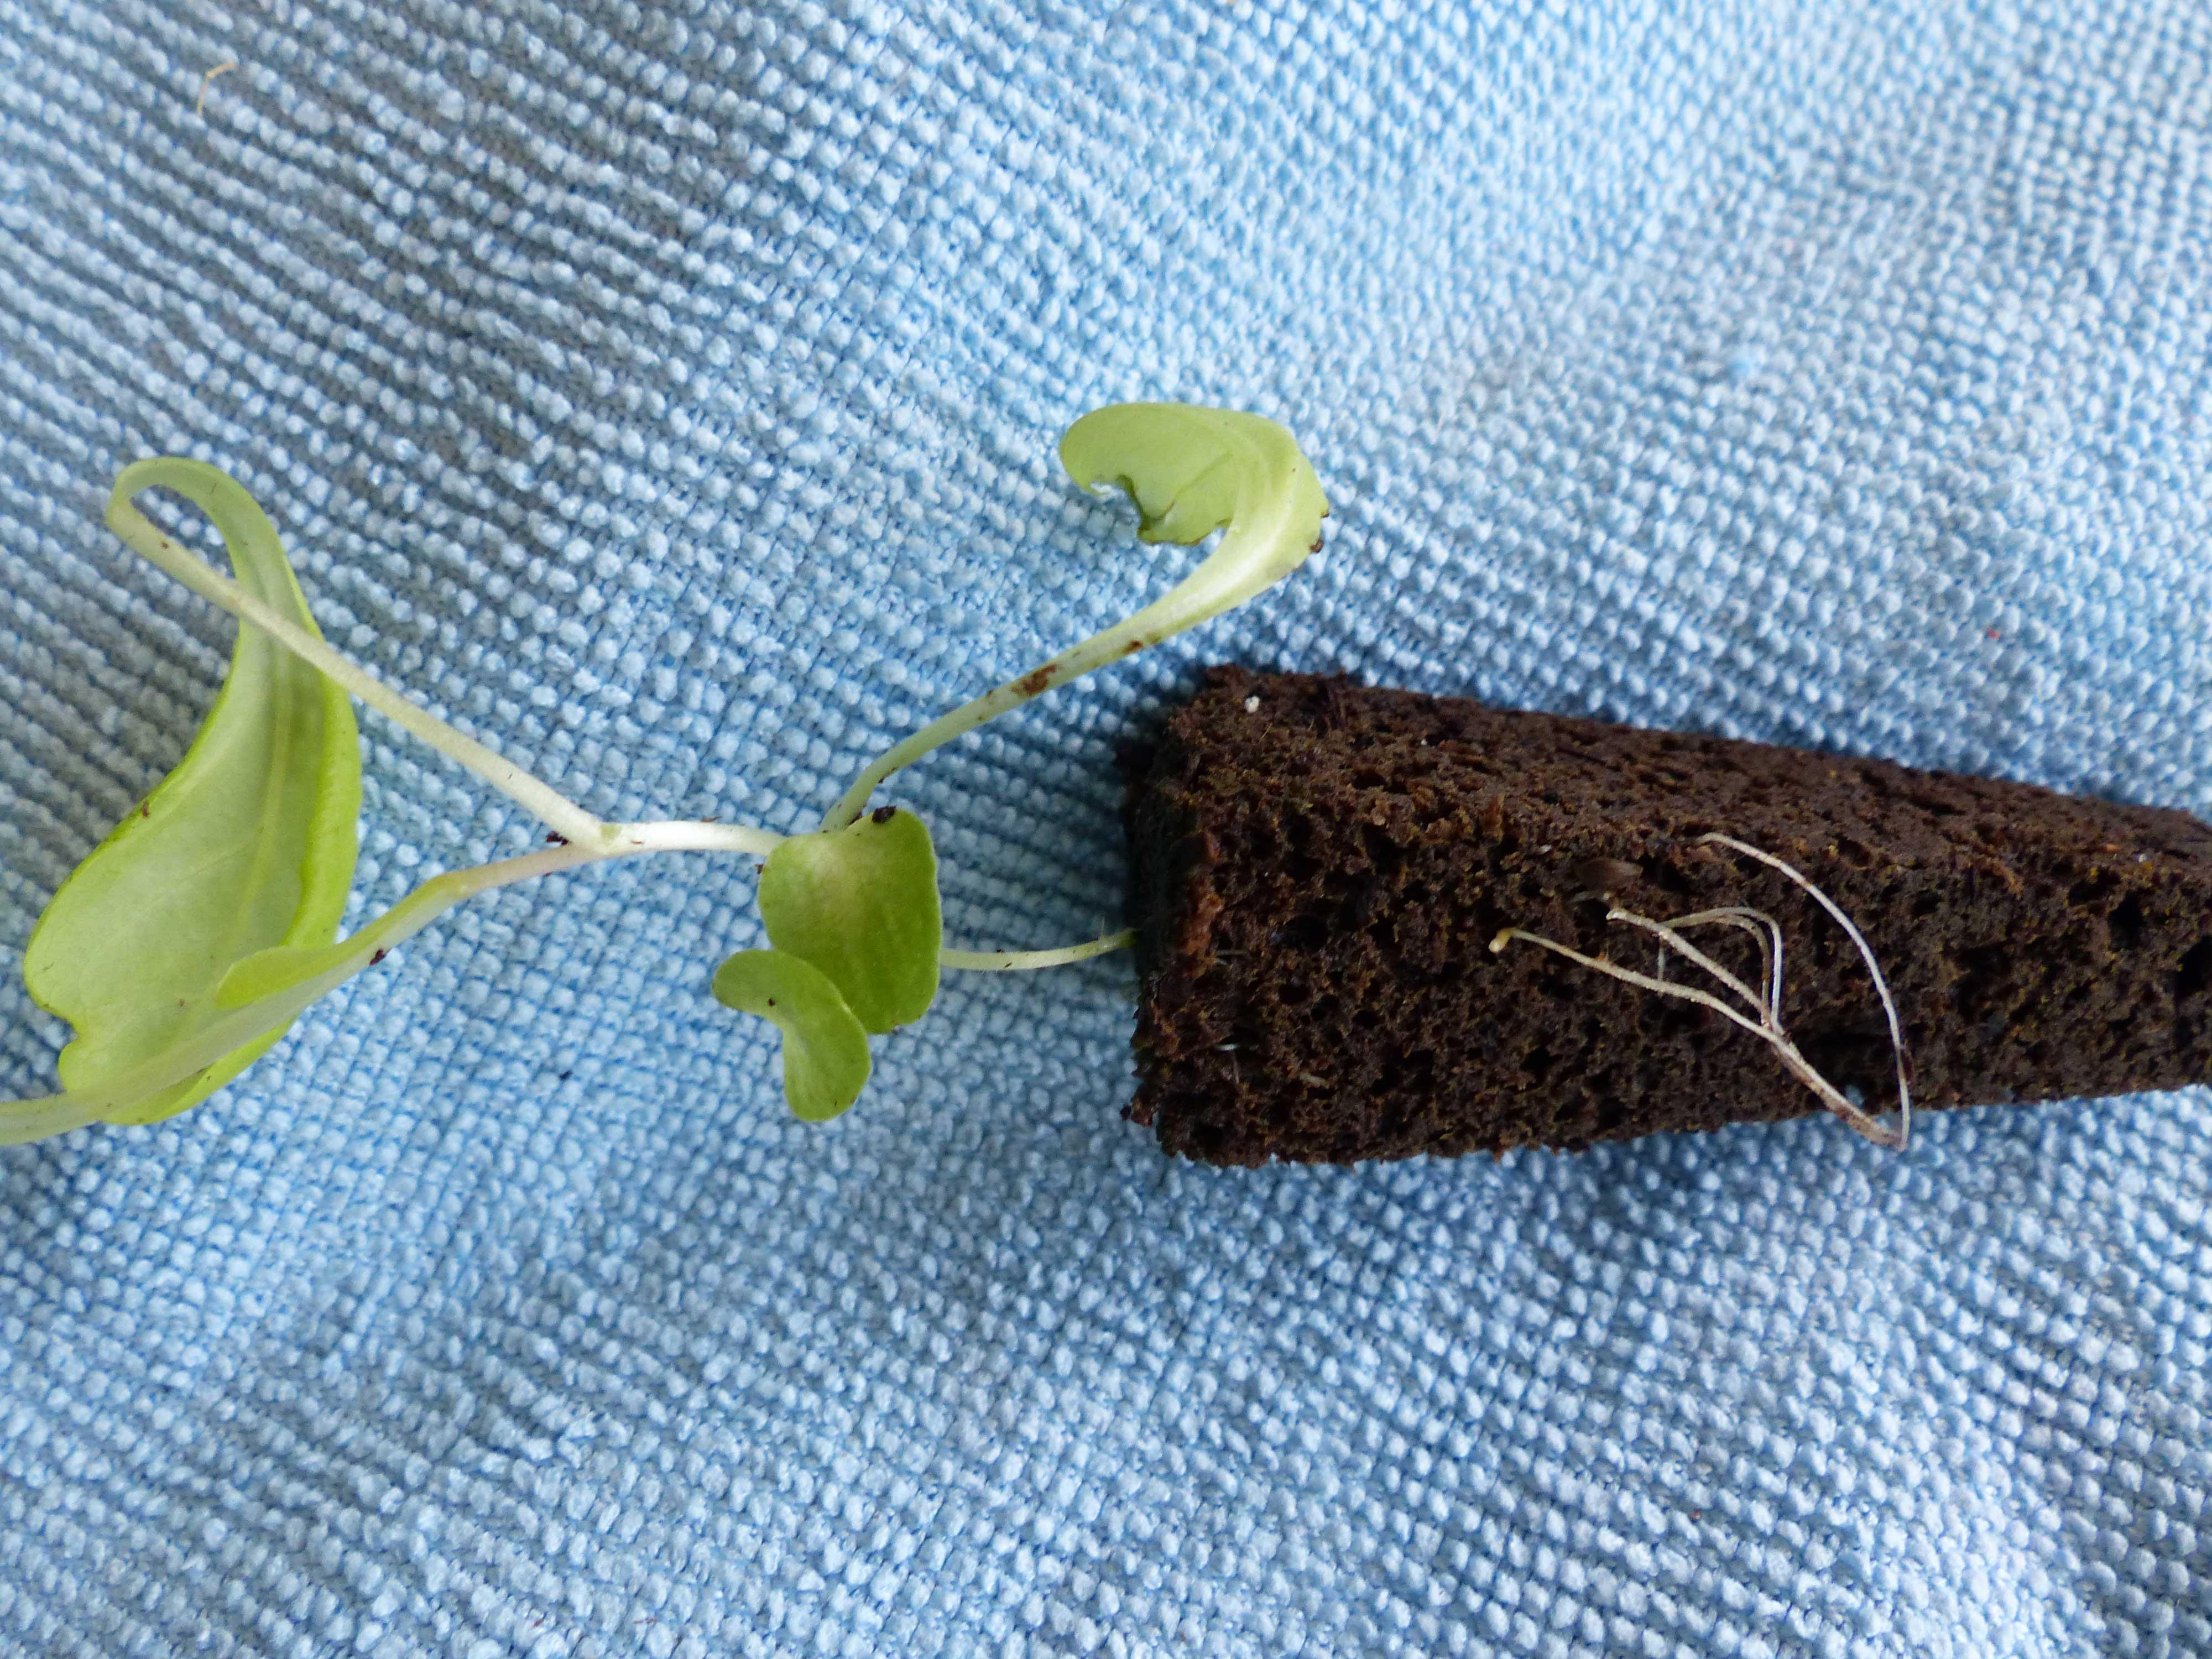 Roots-through-sponge